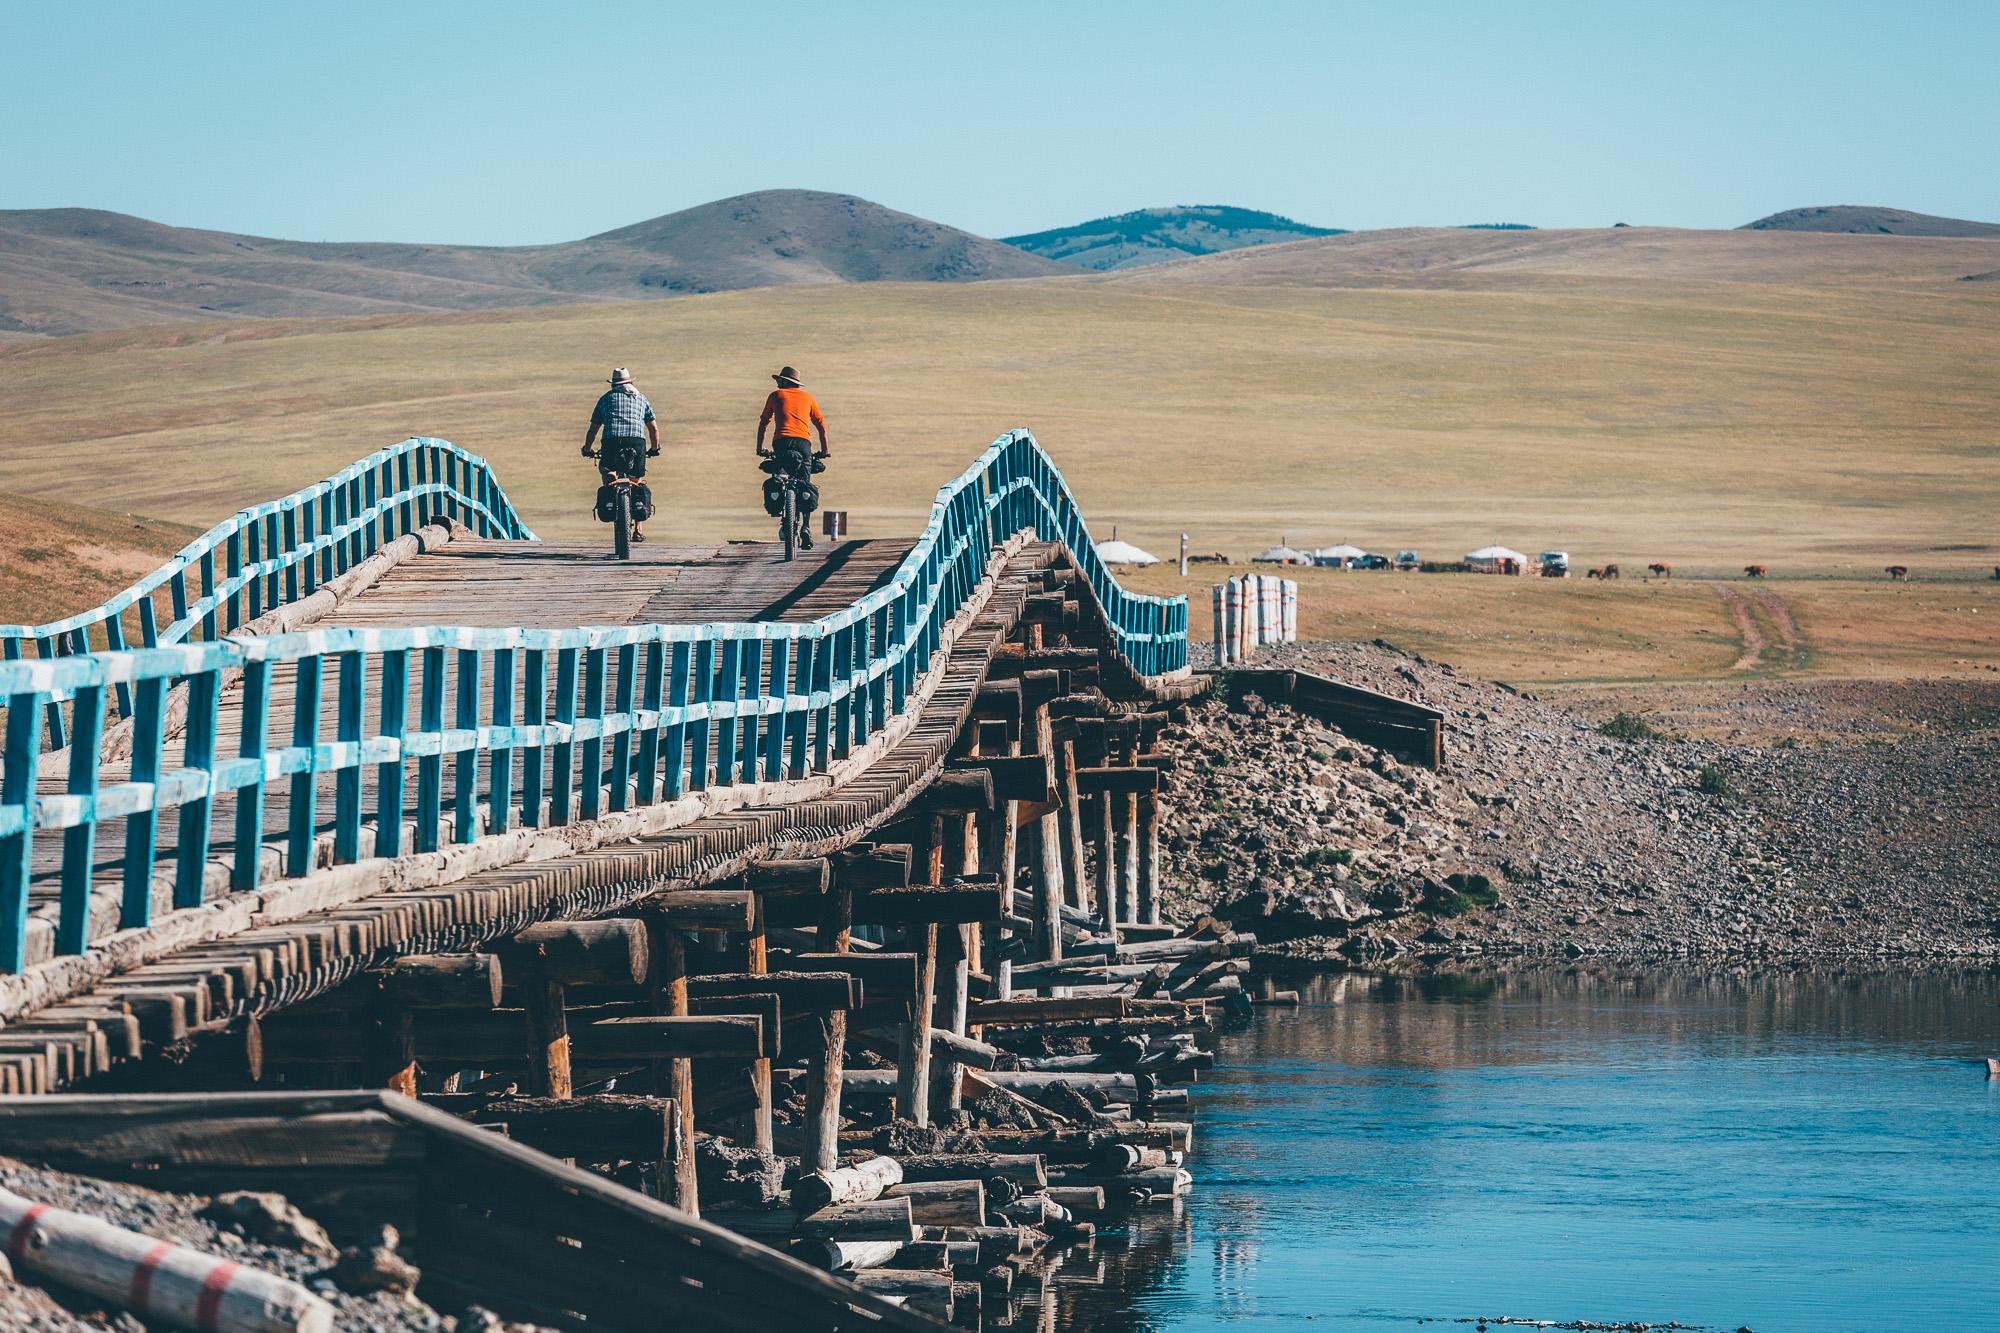 Tumbleweed Mongolia43.jpg